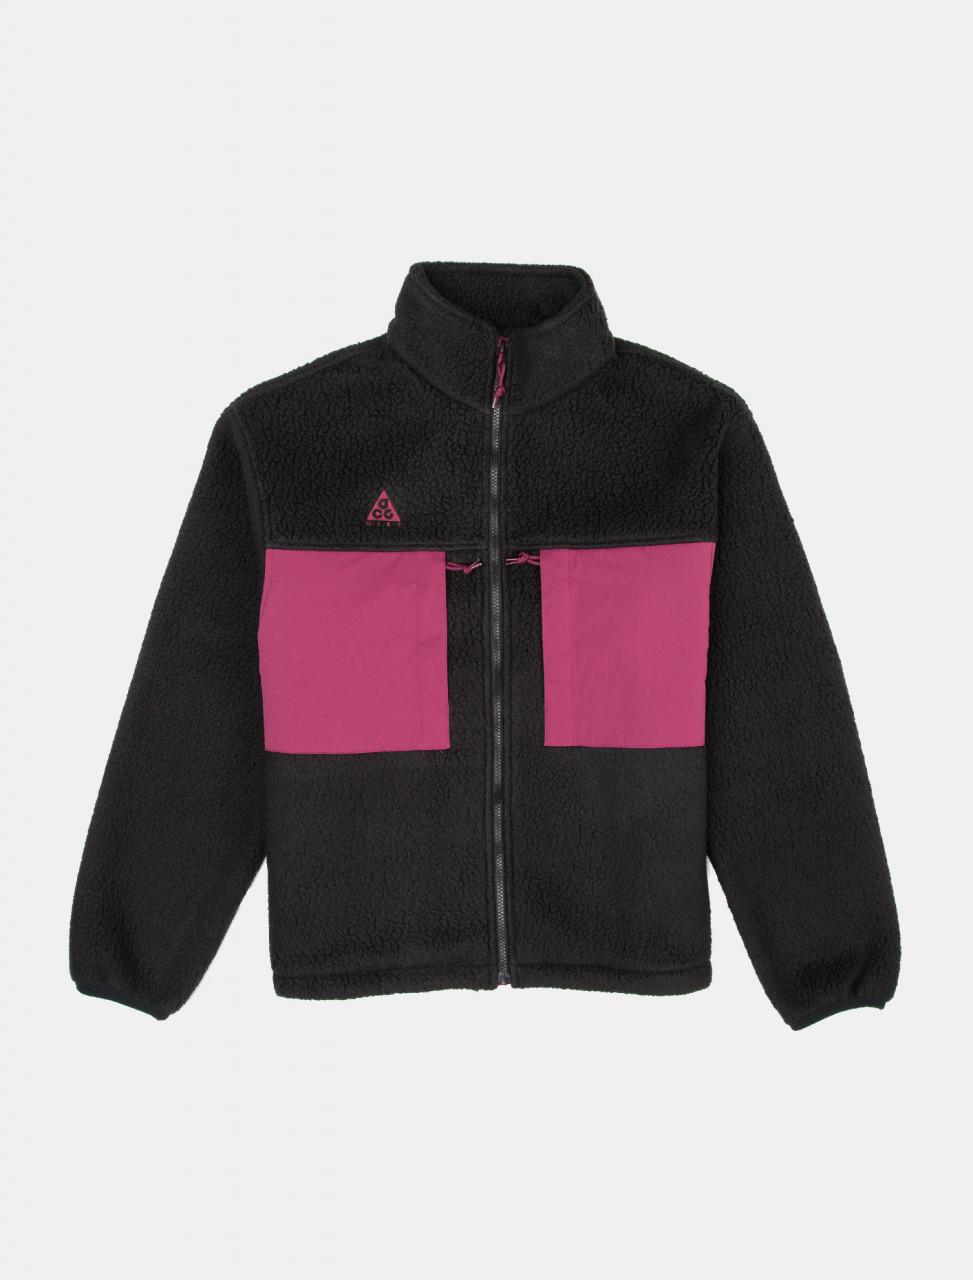 ACG Microfleece Jacket